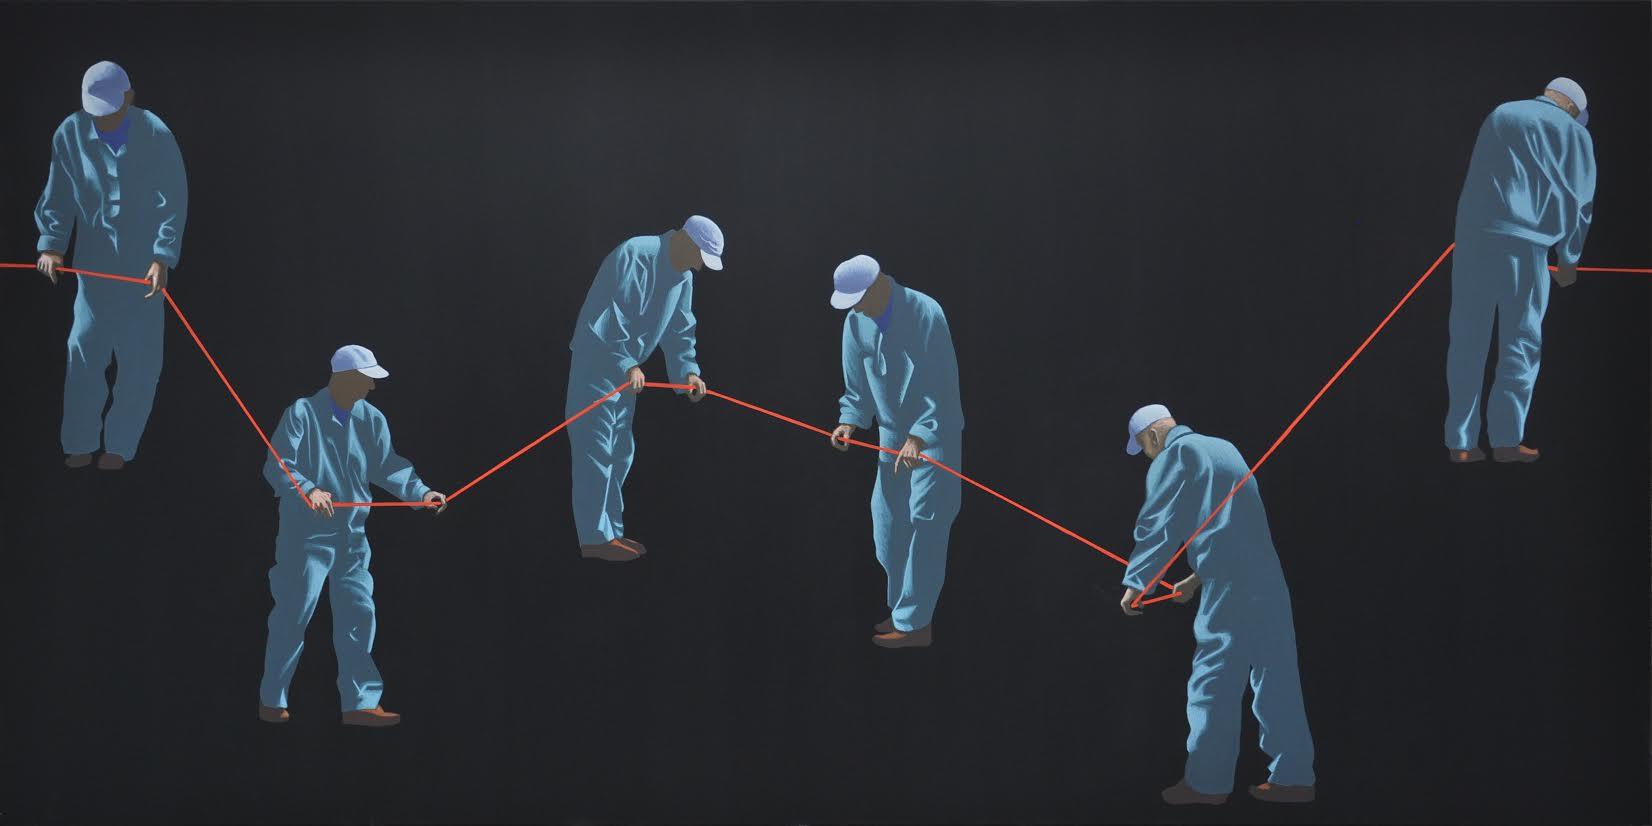 """Dariusz Milczarek, """"W poszukiwaniu najprostszego rozwiązania"""", 2014, 90x180 cm, tempera żółtkowa na płótnie (źródło: materiały prasowe)"""